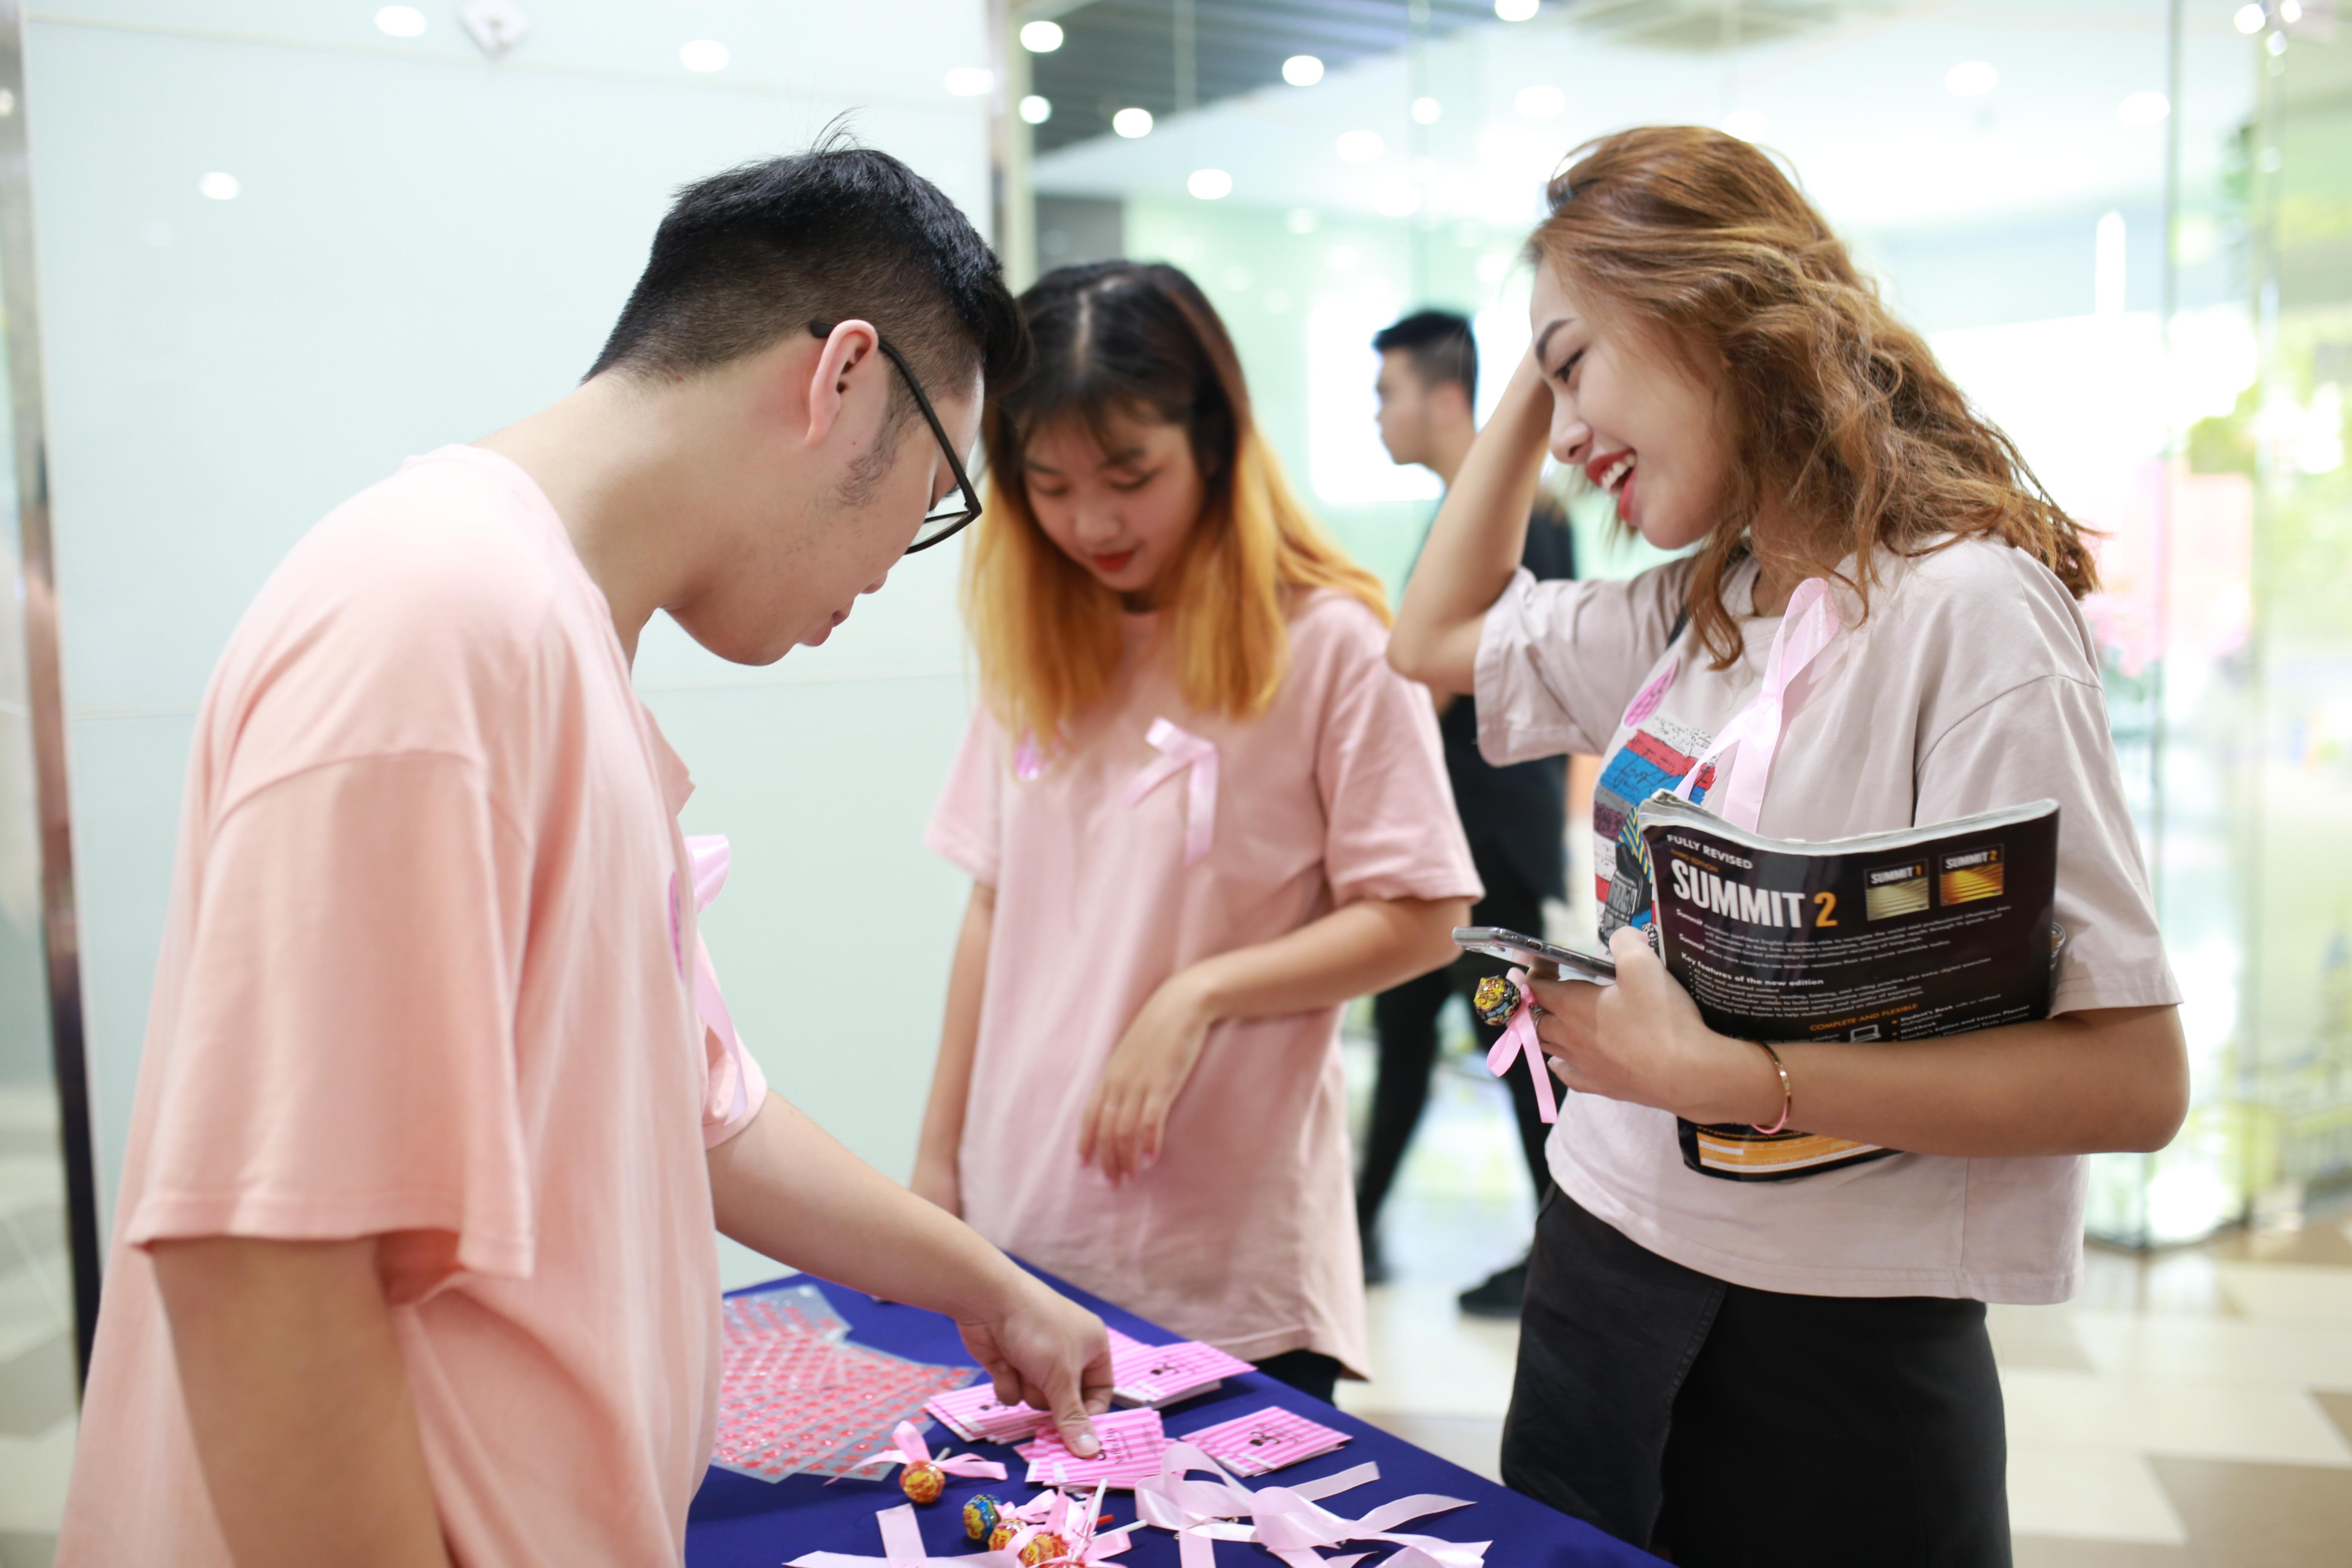 Phần lớn, ung thư vú xảy ra ở độ tuổi từ 35 - 45, tuy nhiên gần đây độ tuổi đang có chiều hướng giảm xuống, ngay cả những phụ nữ độ tuổi từ 20 - 30 cũng đã có thể mắc bệnh. Thực trạng này cũng không ngoại lệ tại Việt Nam vì thế hơn khi nào hết cần sớm có nhận thức để phòng chống căn bệnh này.